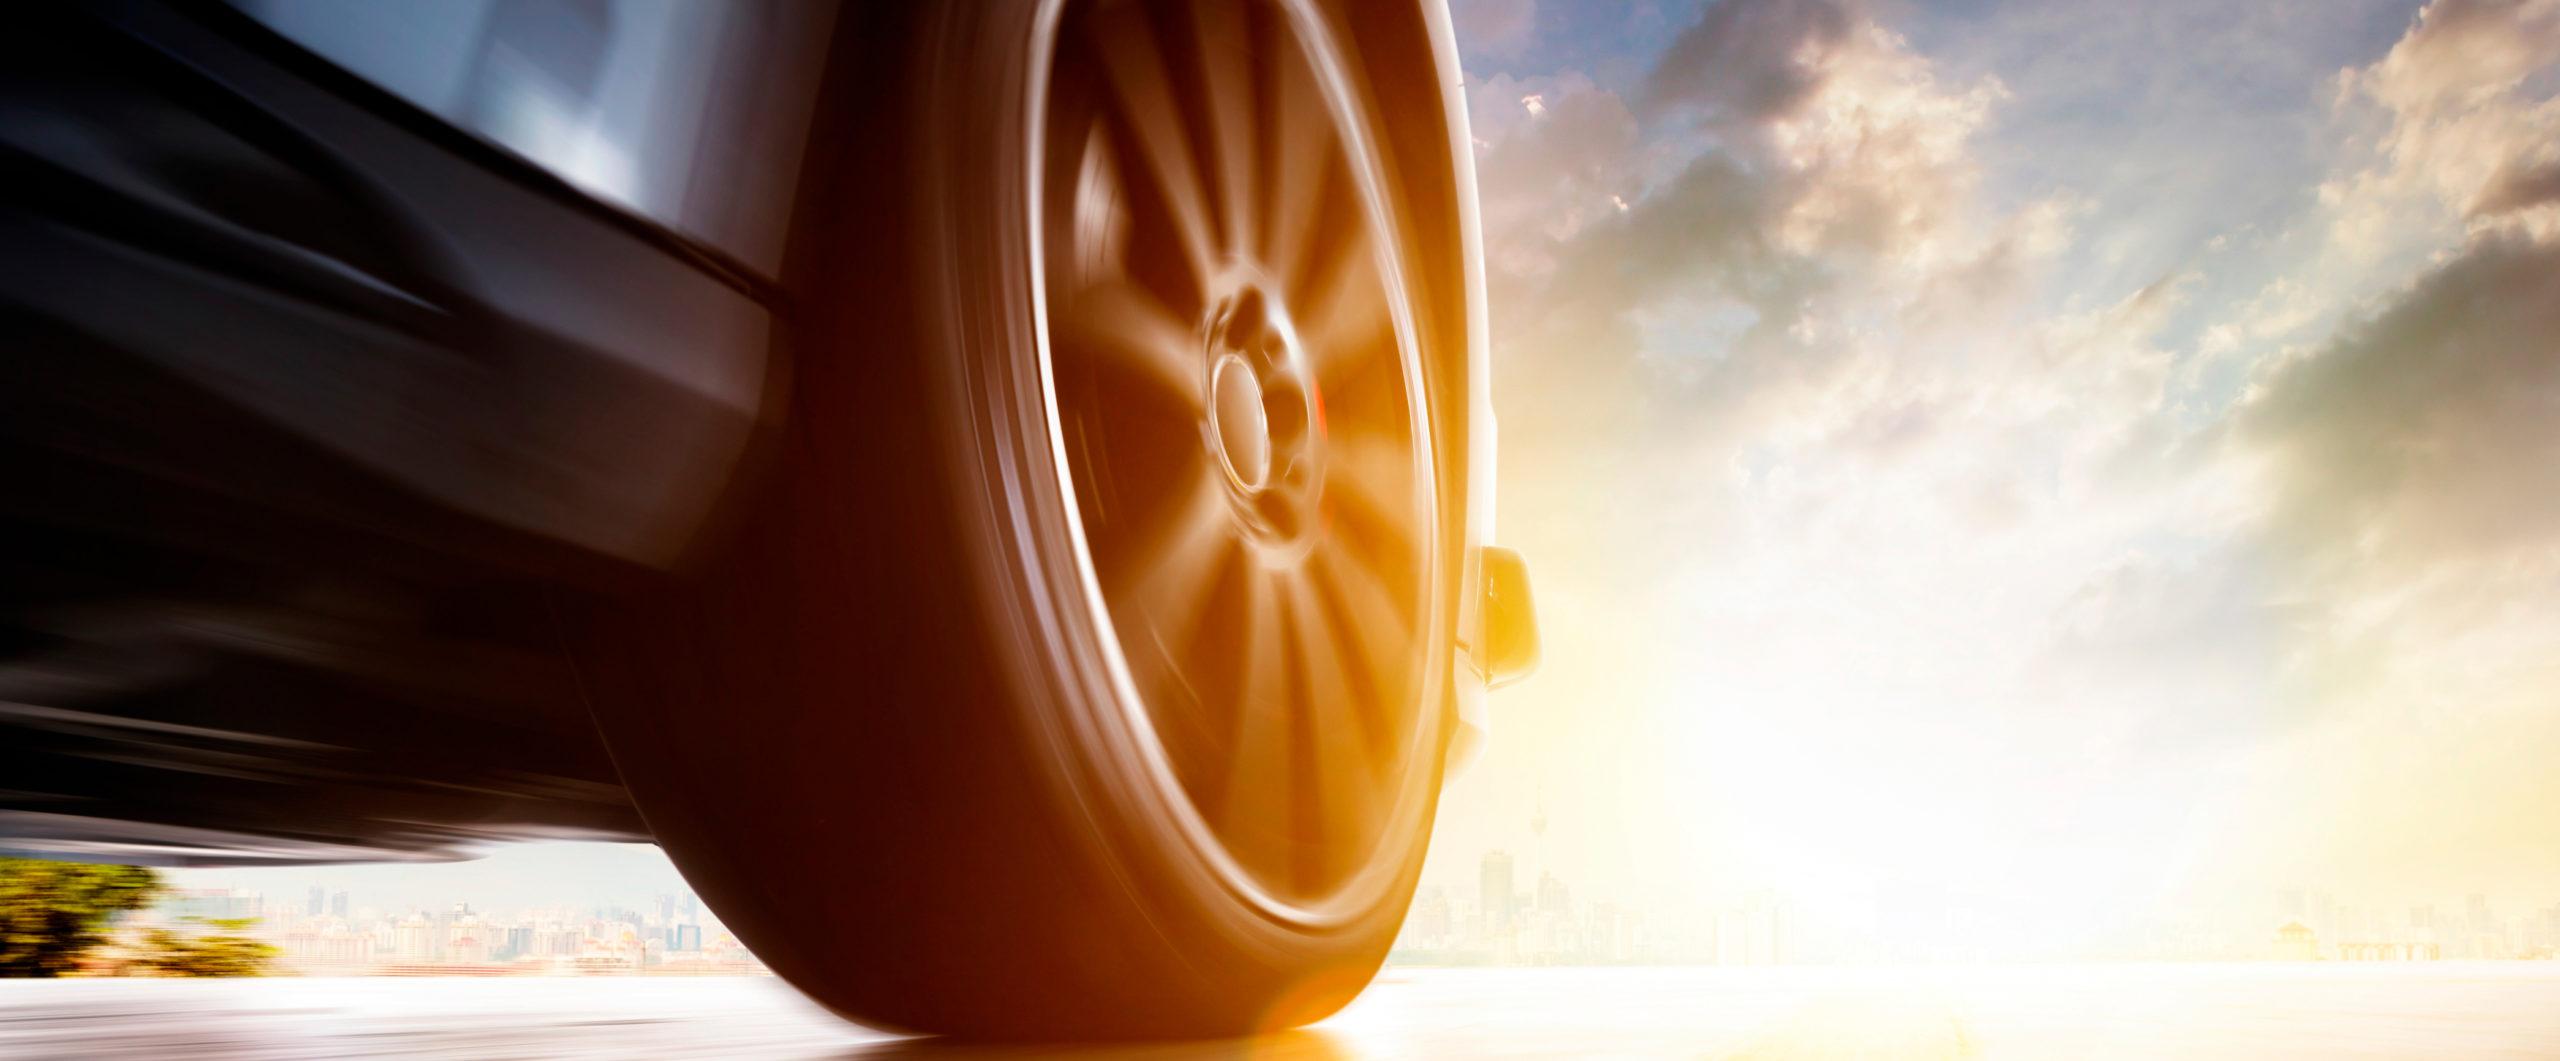 Mantener tus neumáticos de manera correcta puede aumentar su vida útil